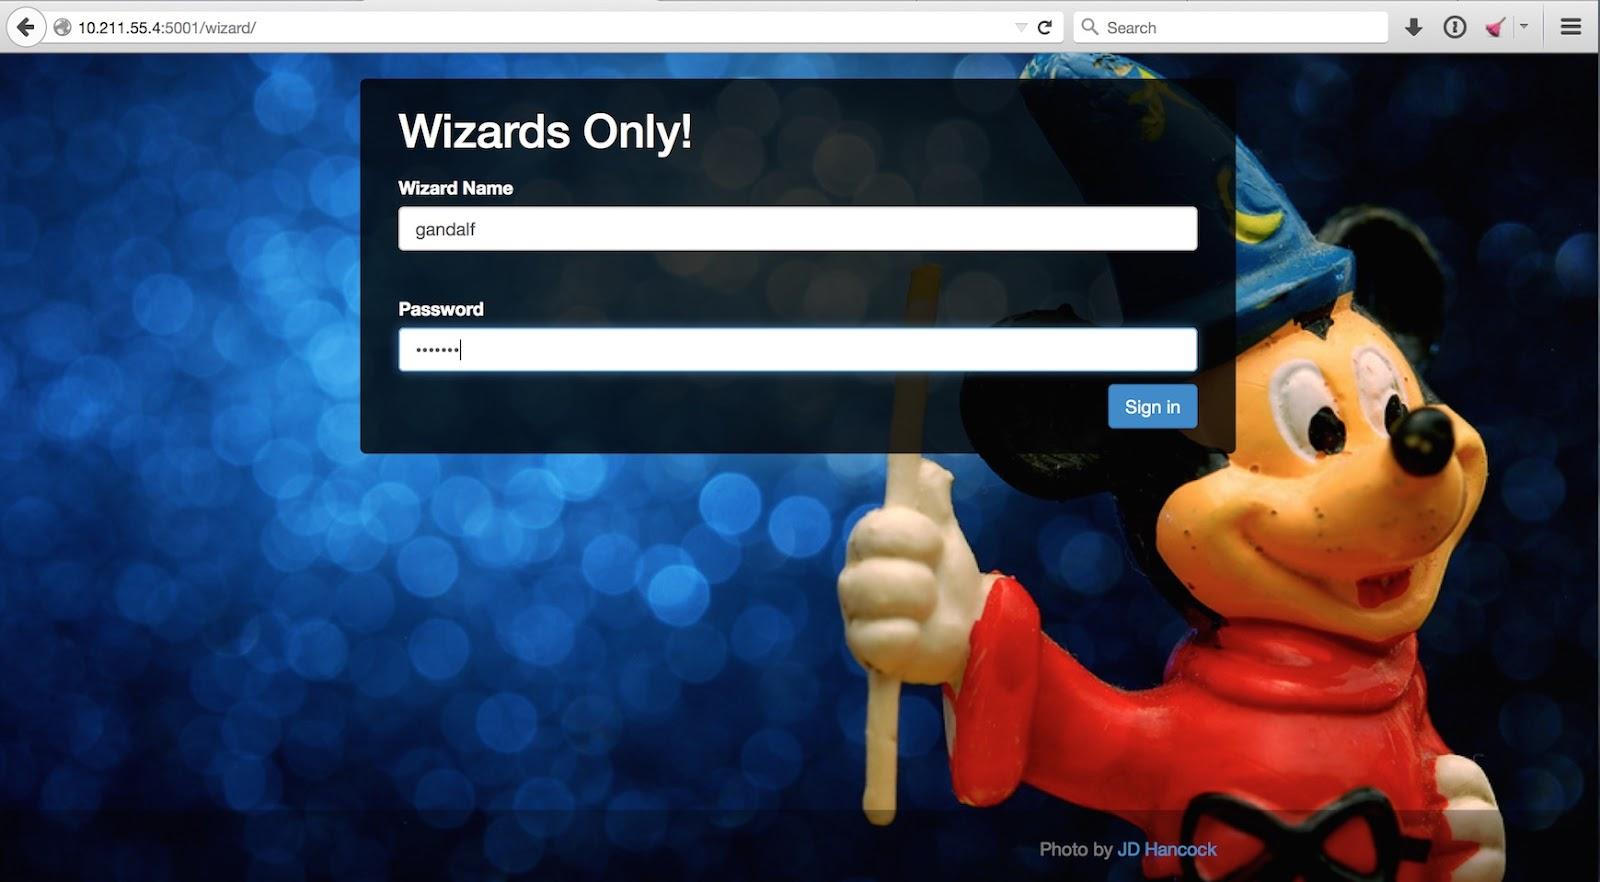 wizards-credentials.jpg